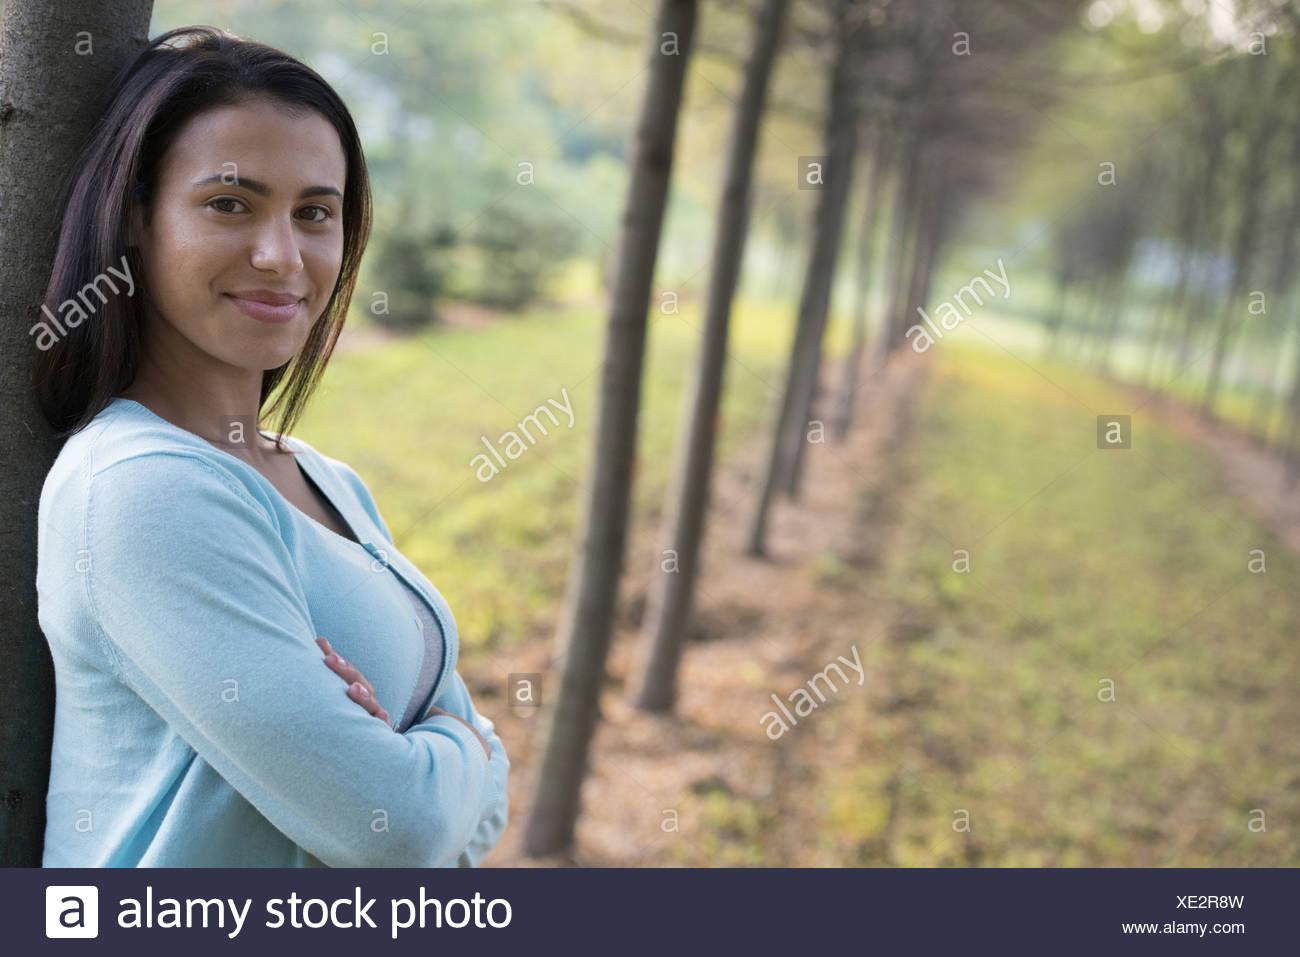 Eine Frau mit Armen gefaltet an einen Baum gelehnt. Stockbild